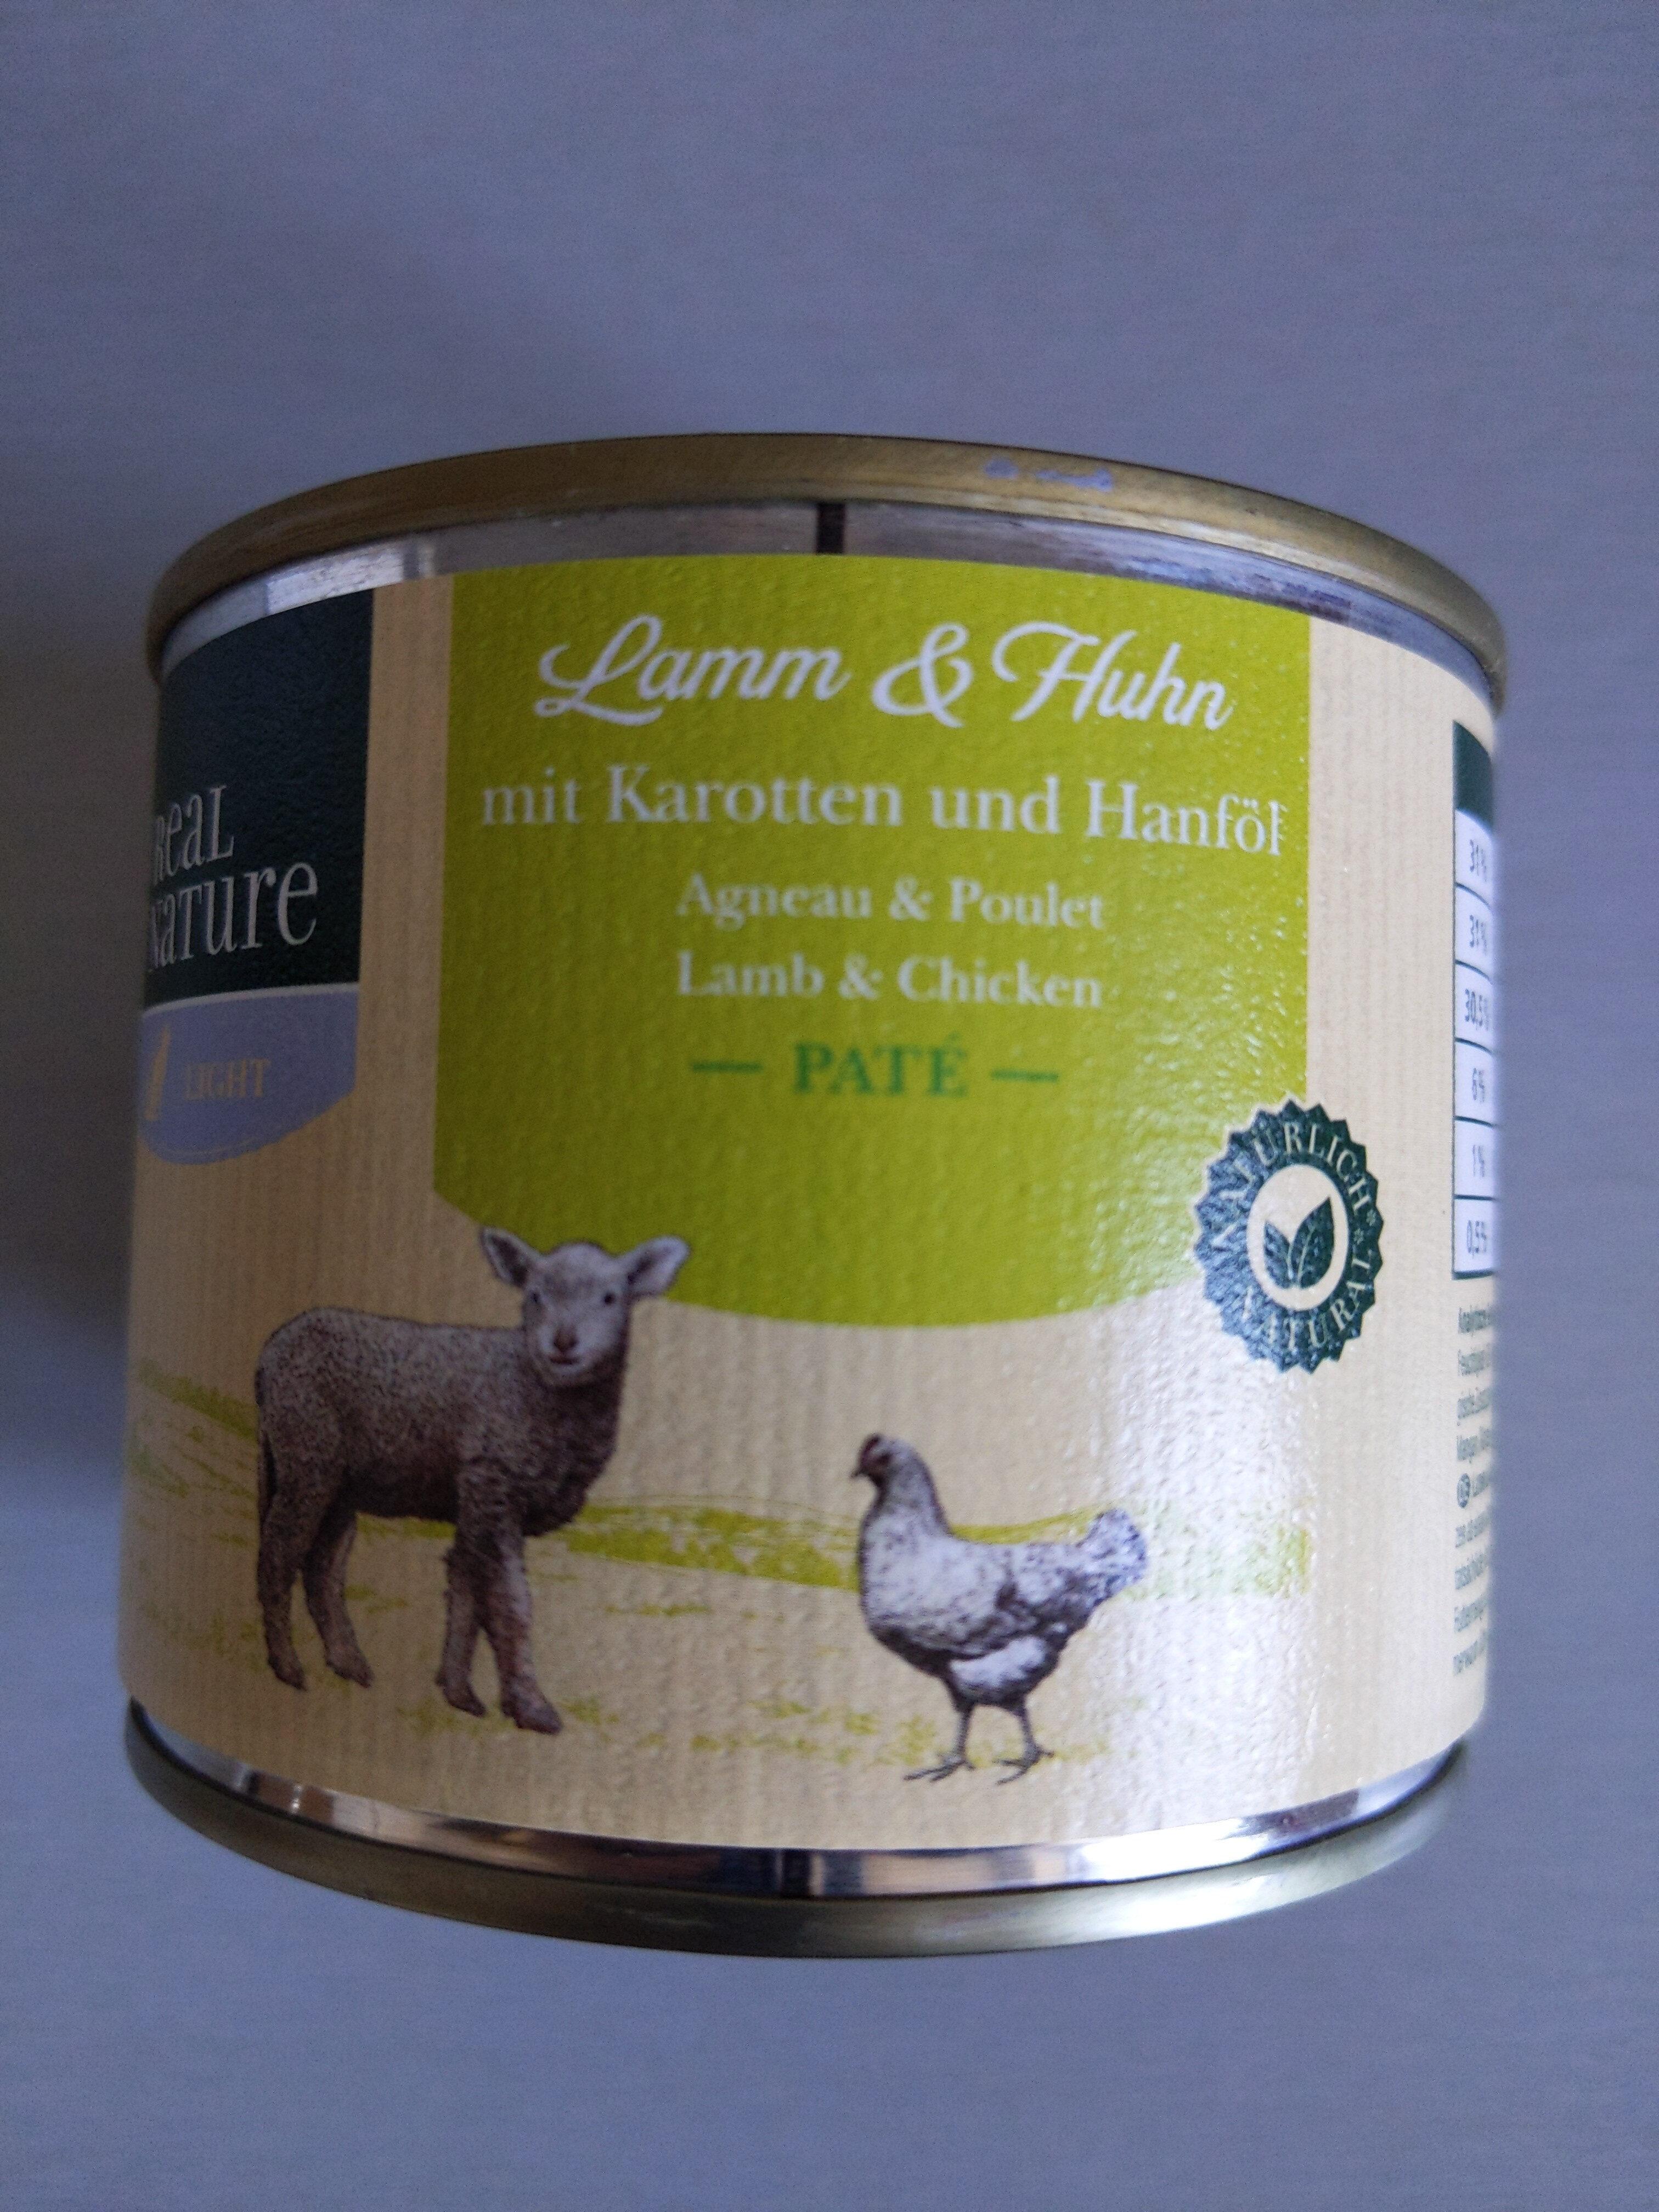 Lamm und Huhn mit Karotten und Hanföl - Product - de